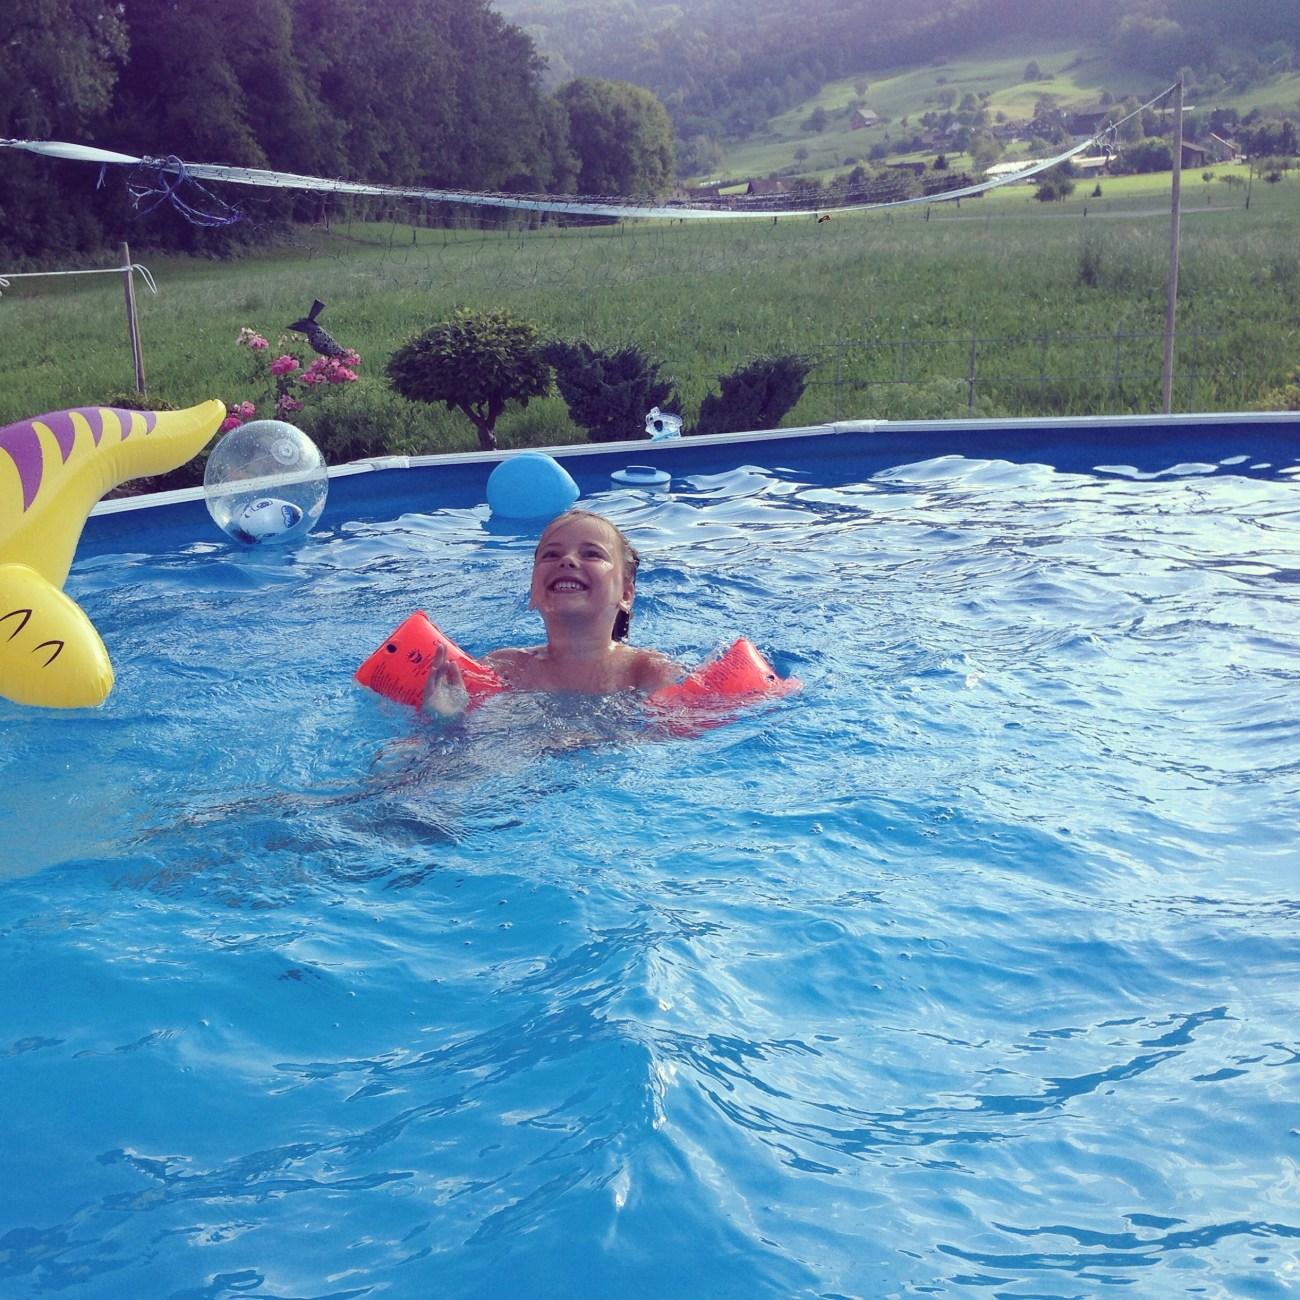 Aan het eind van de middag gaan we nog even naar een verjaardag van een buurvrouw. Eentje met een groot en diep zwembad en een fantastisch uitzicht!